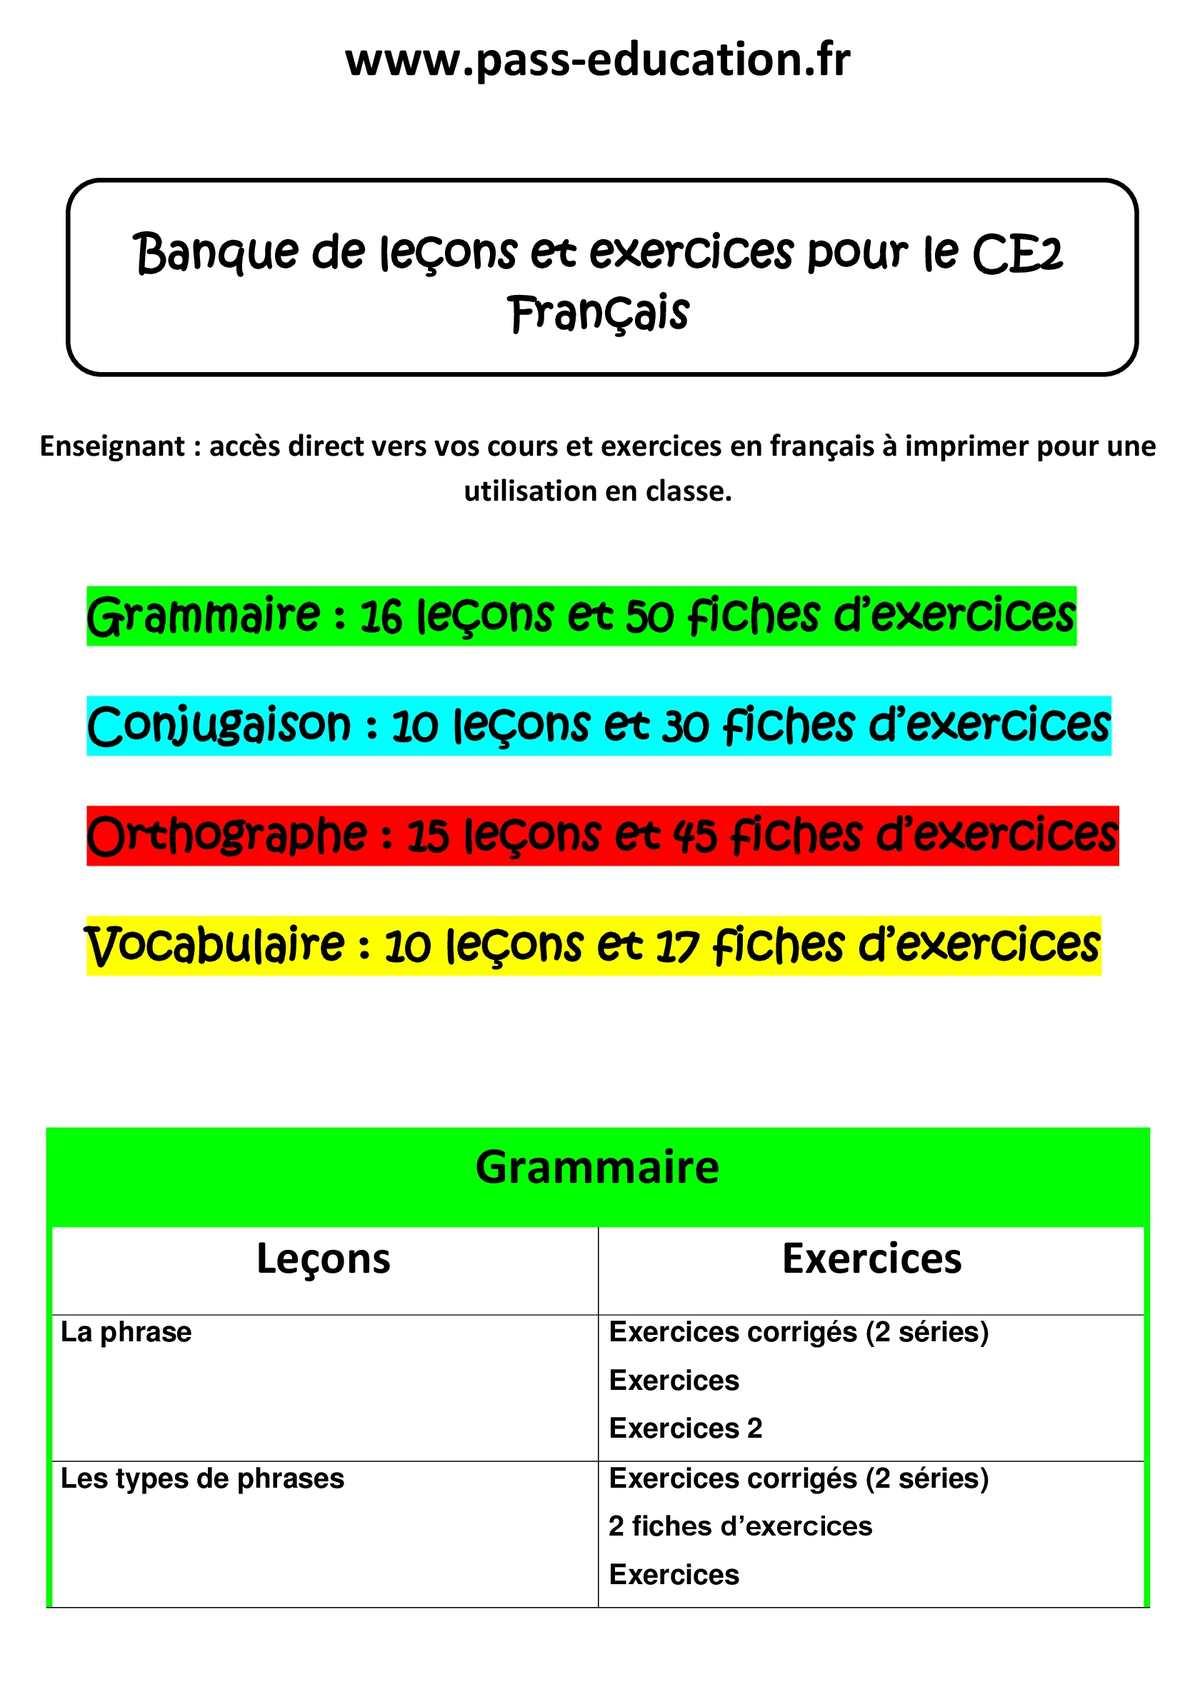 Calaméo - Ce2 Français - Banque De Leçons Et Exercices destiné Cours Ce2 A Imprimer